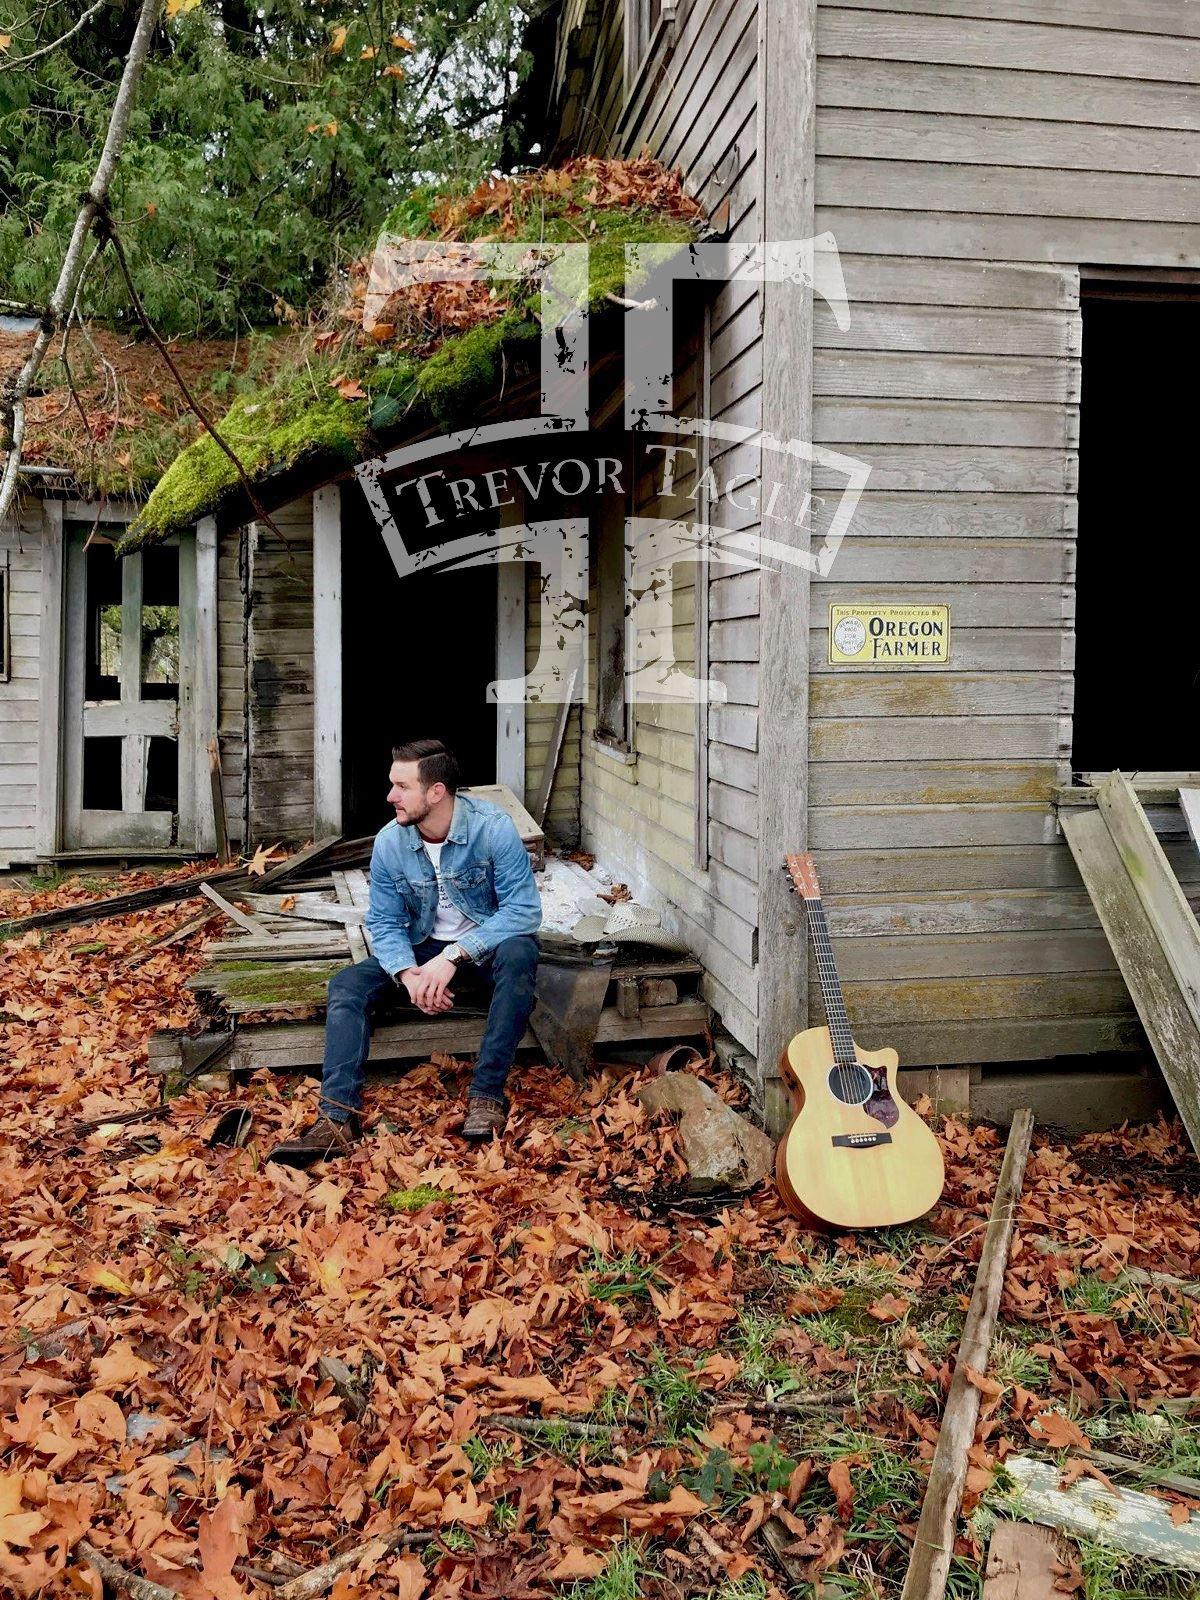 Trevor Tagle